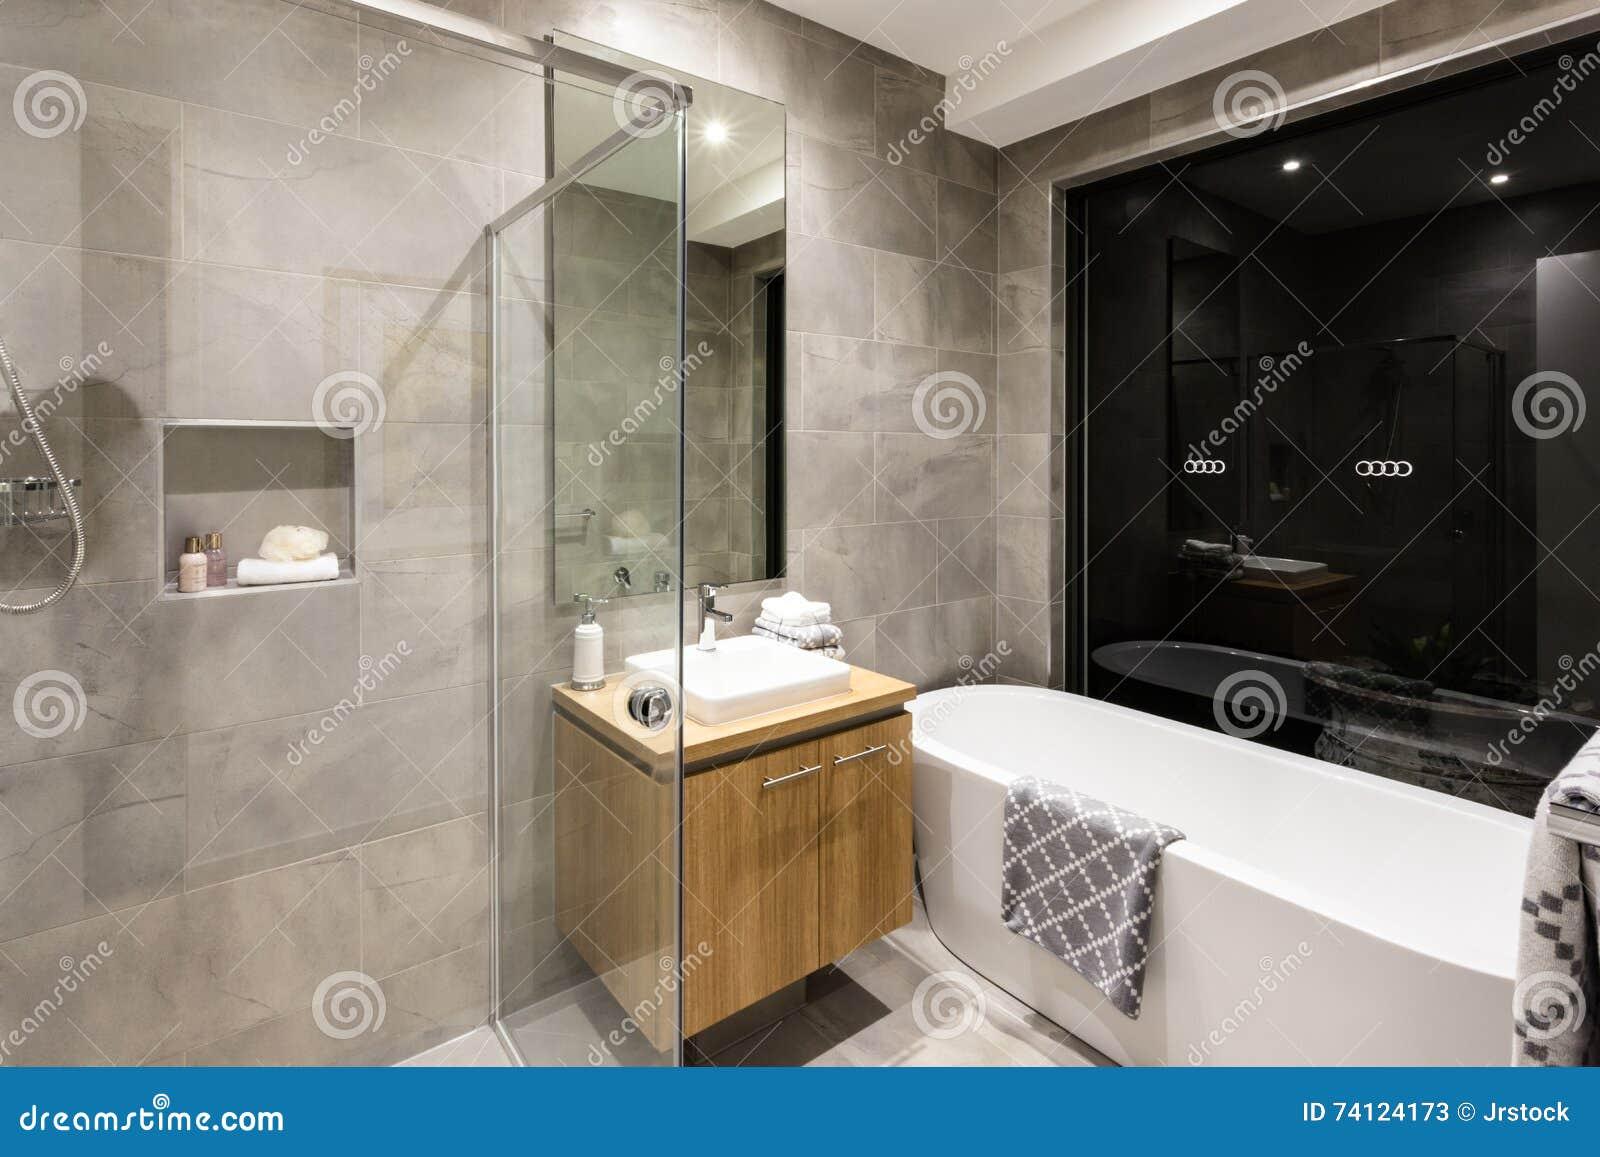 Cuarto de ba o moderno con una ducha y una ba era imagen for Banos modernos con banera